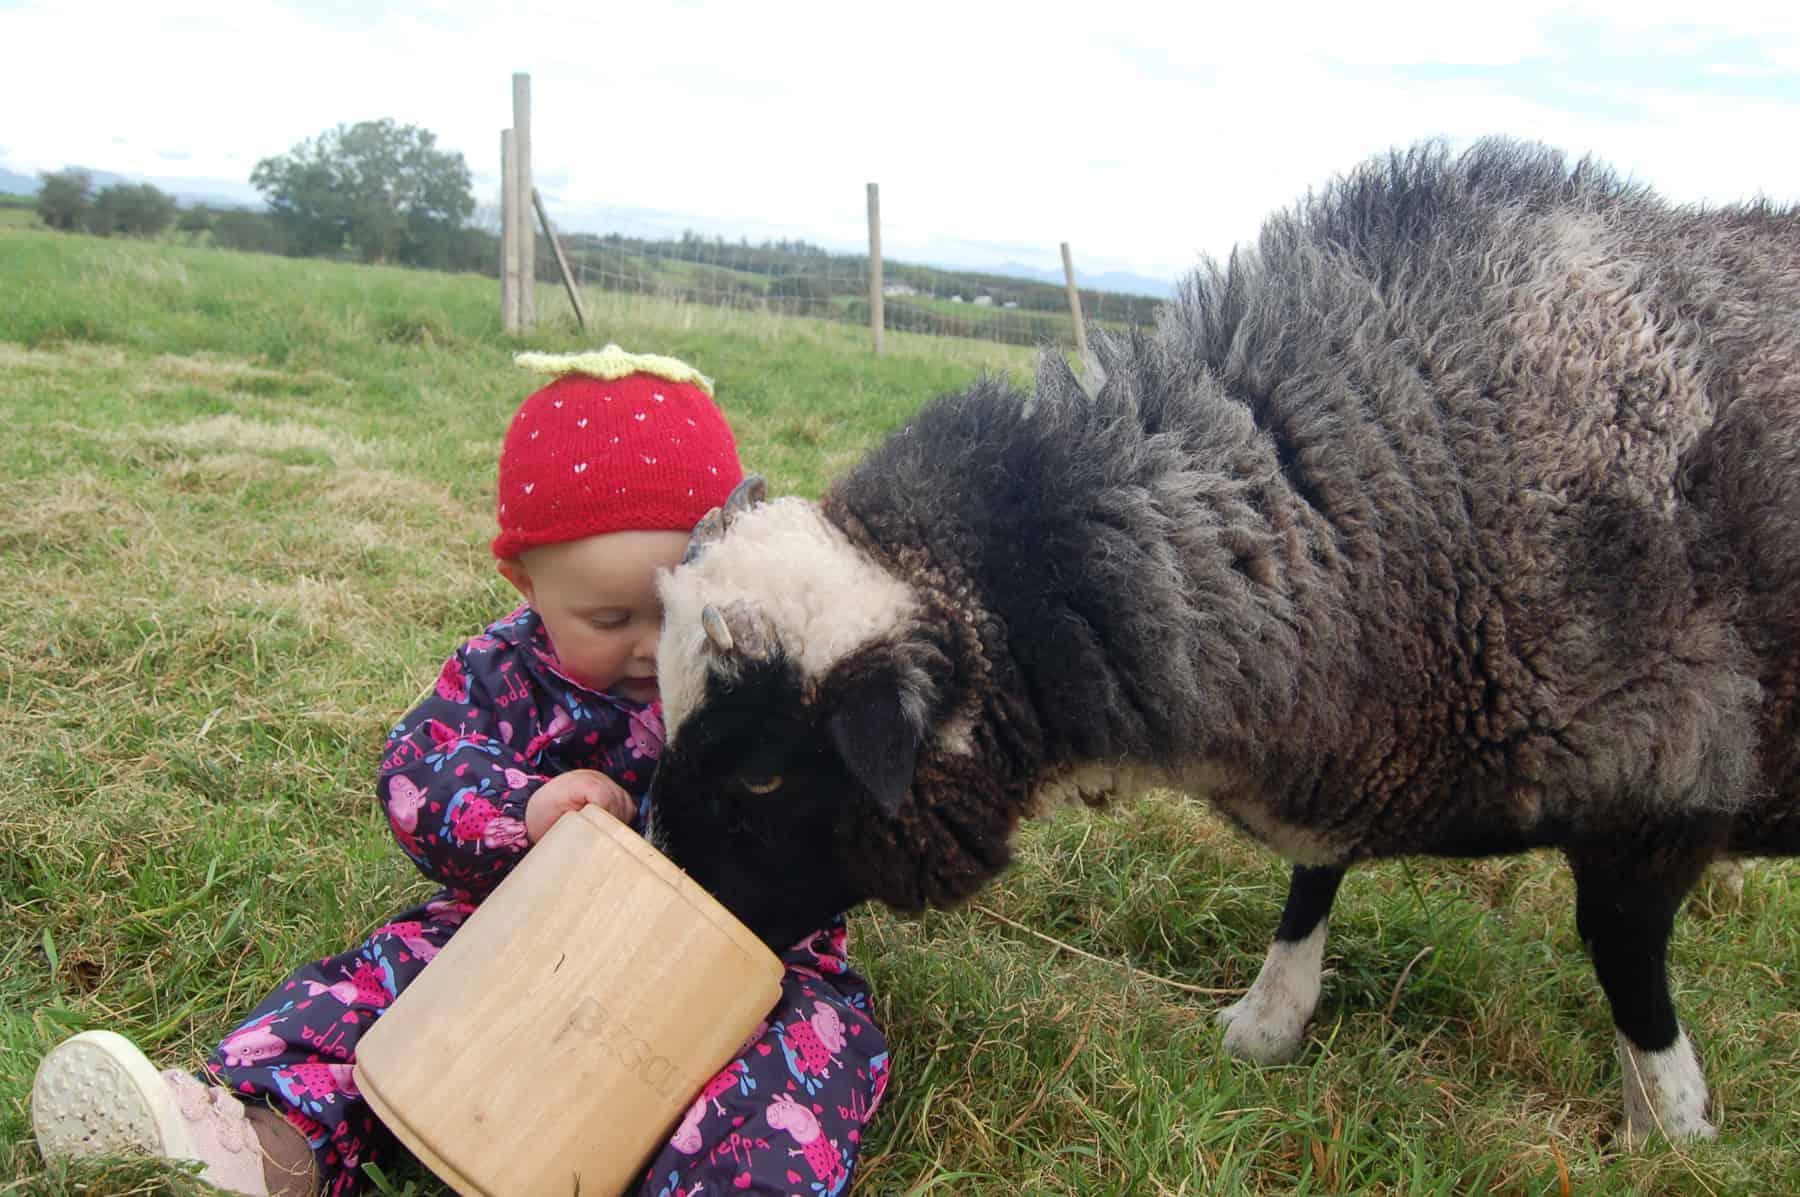 Holly pet lamb sheep jacob cross shetland spotted black grey white wales gwynedd kids farm life